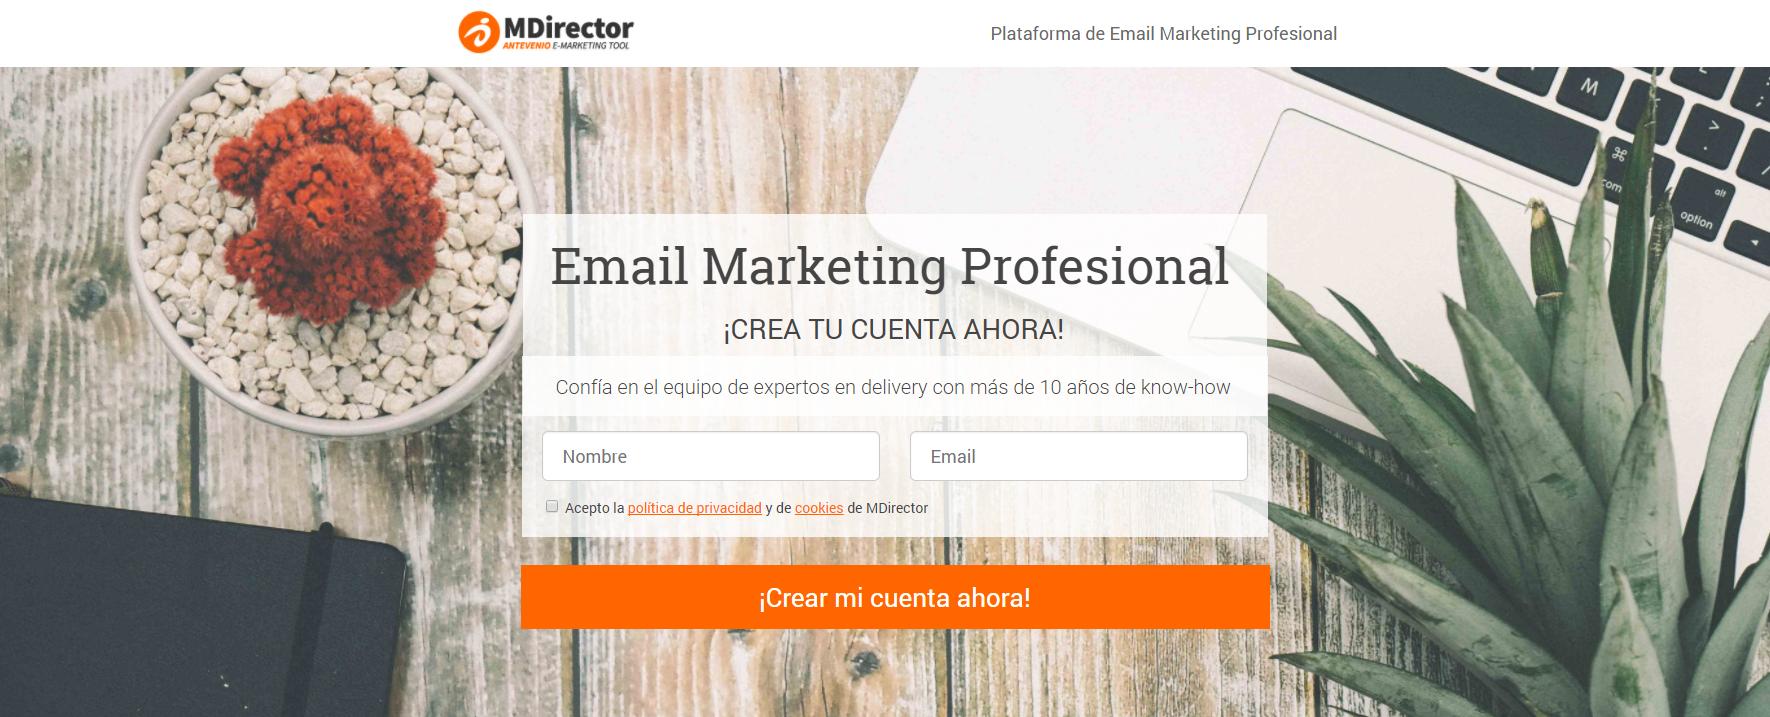 campañas exitosas de landing pages: MDirector